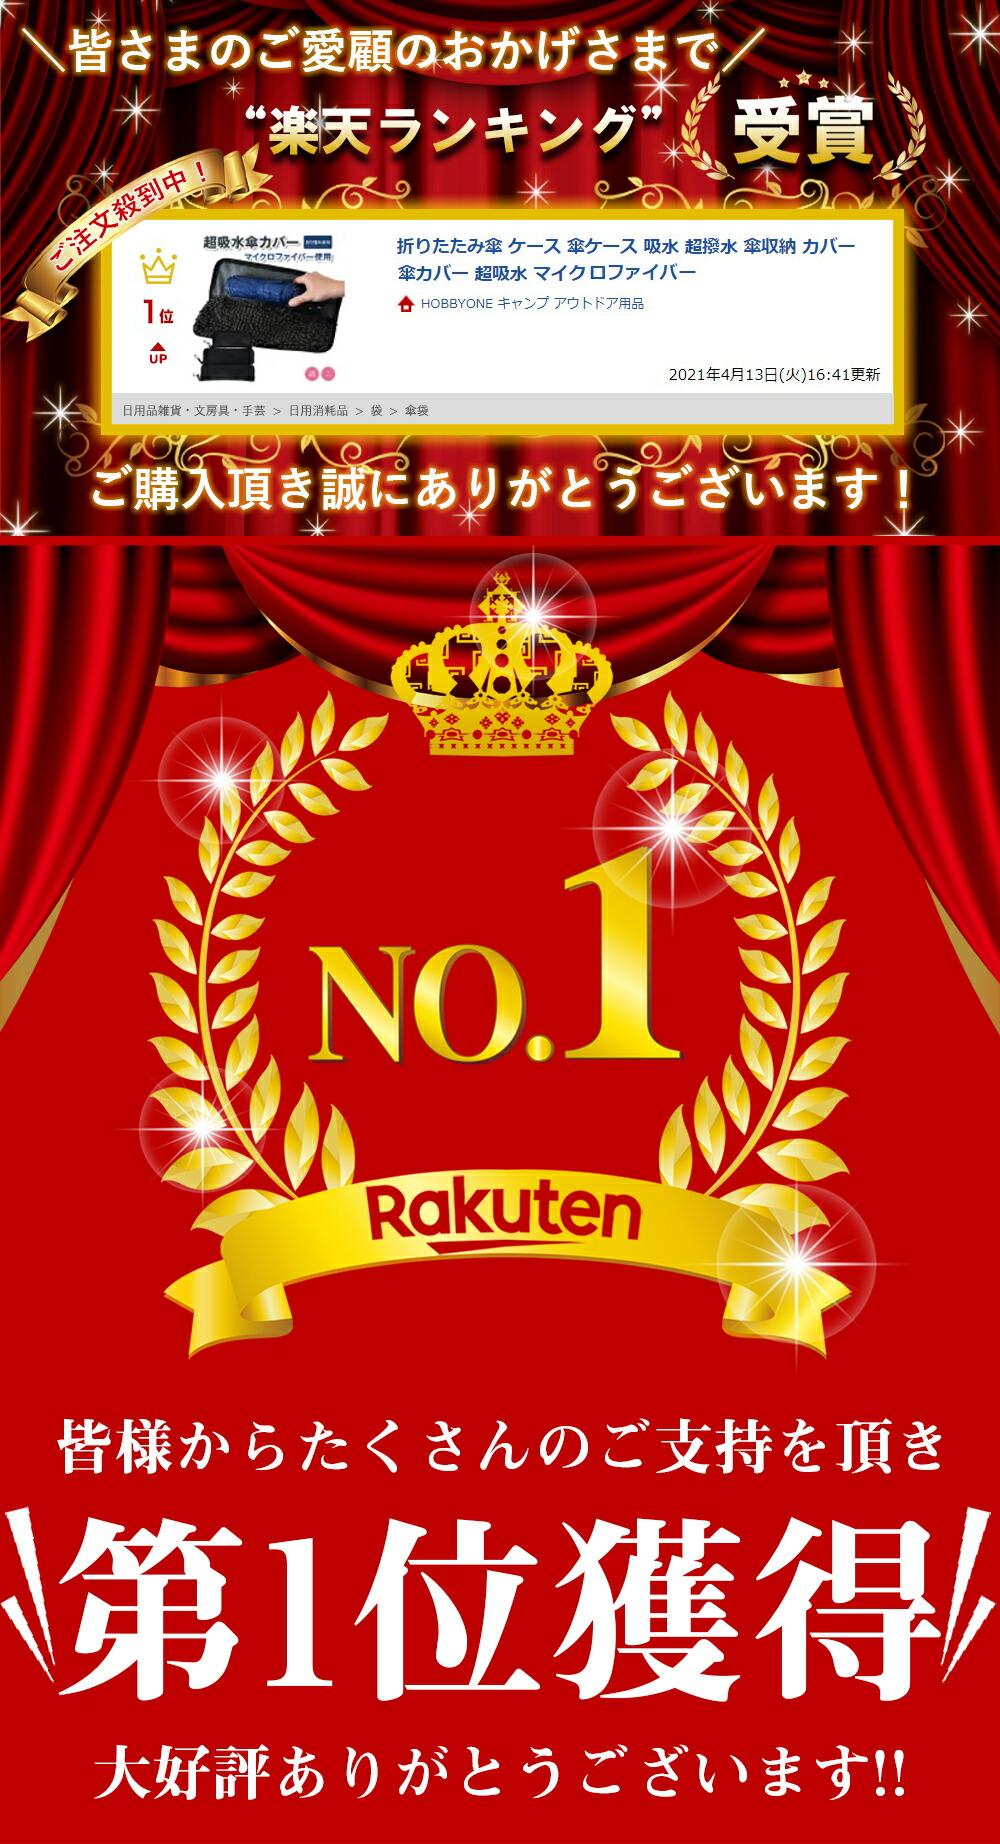 ランキング1位 ランキング受賞 楽天ランキング